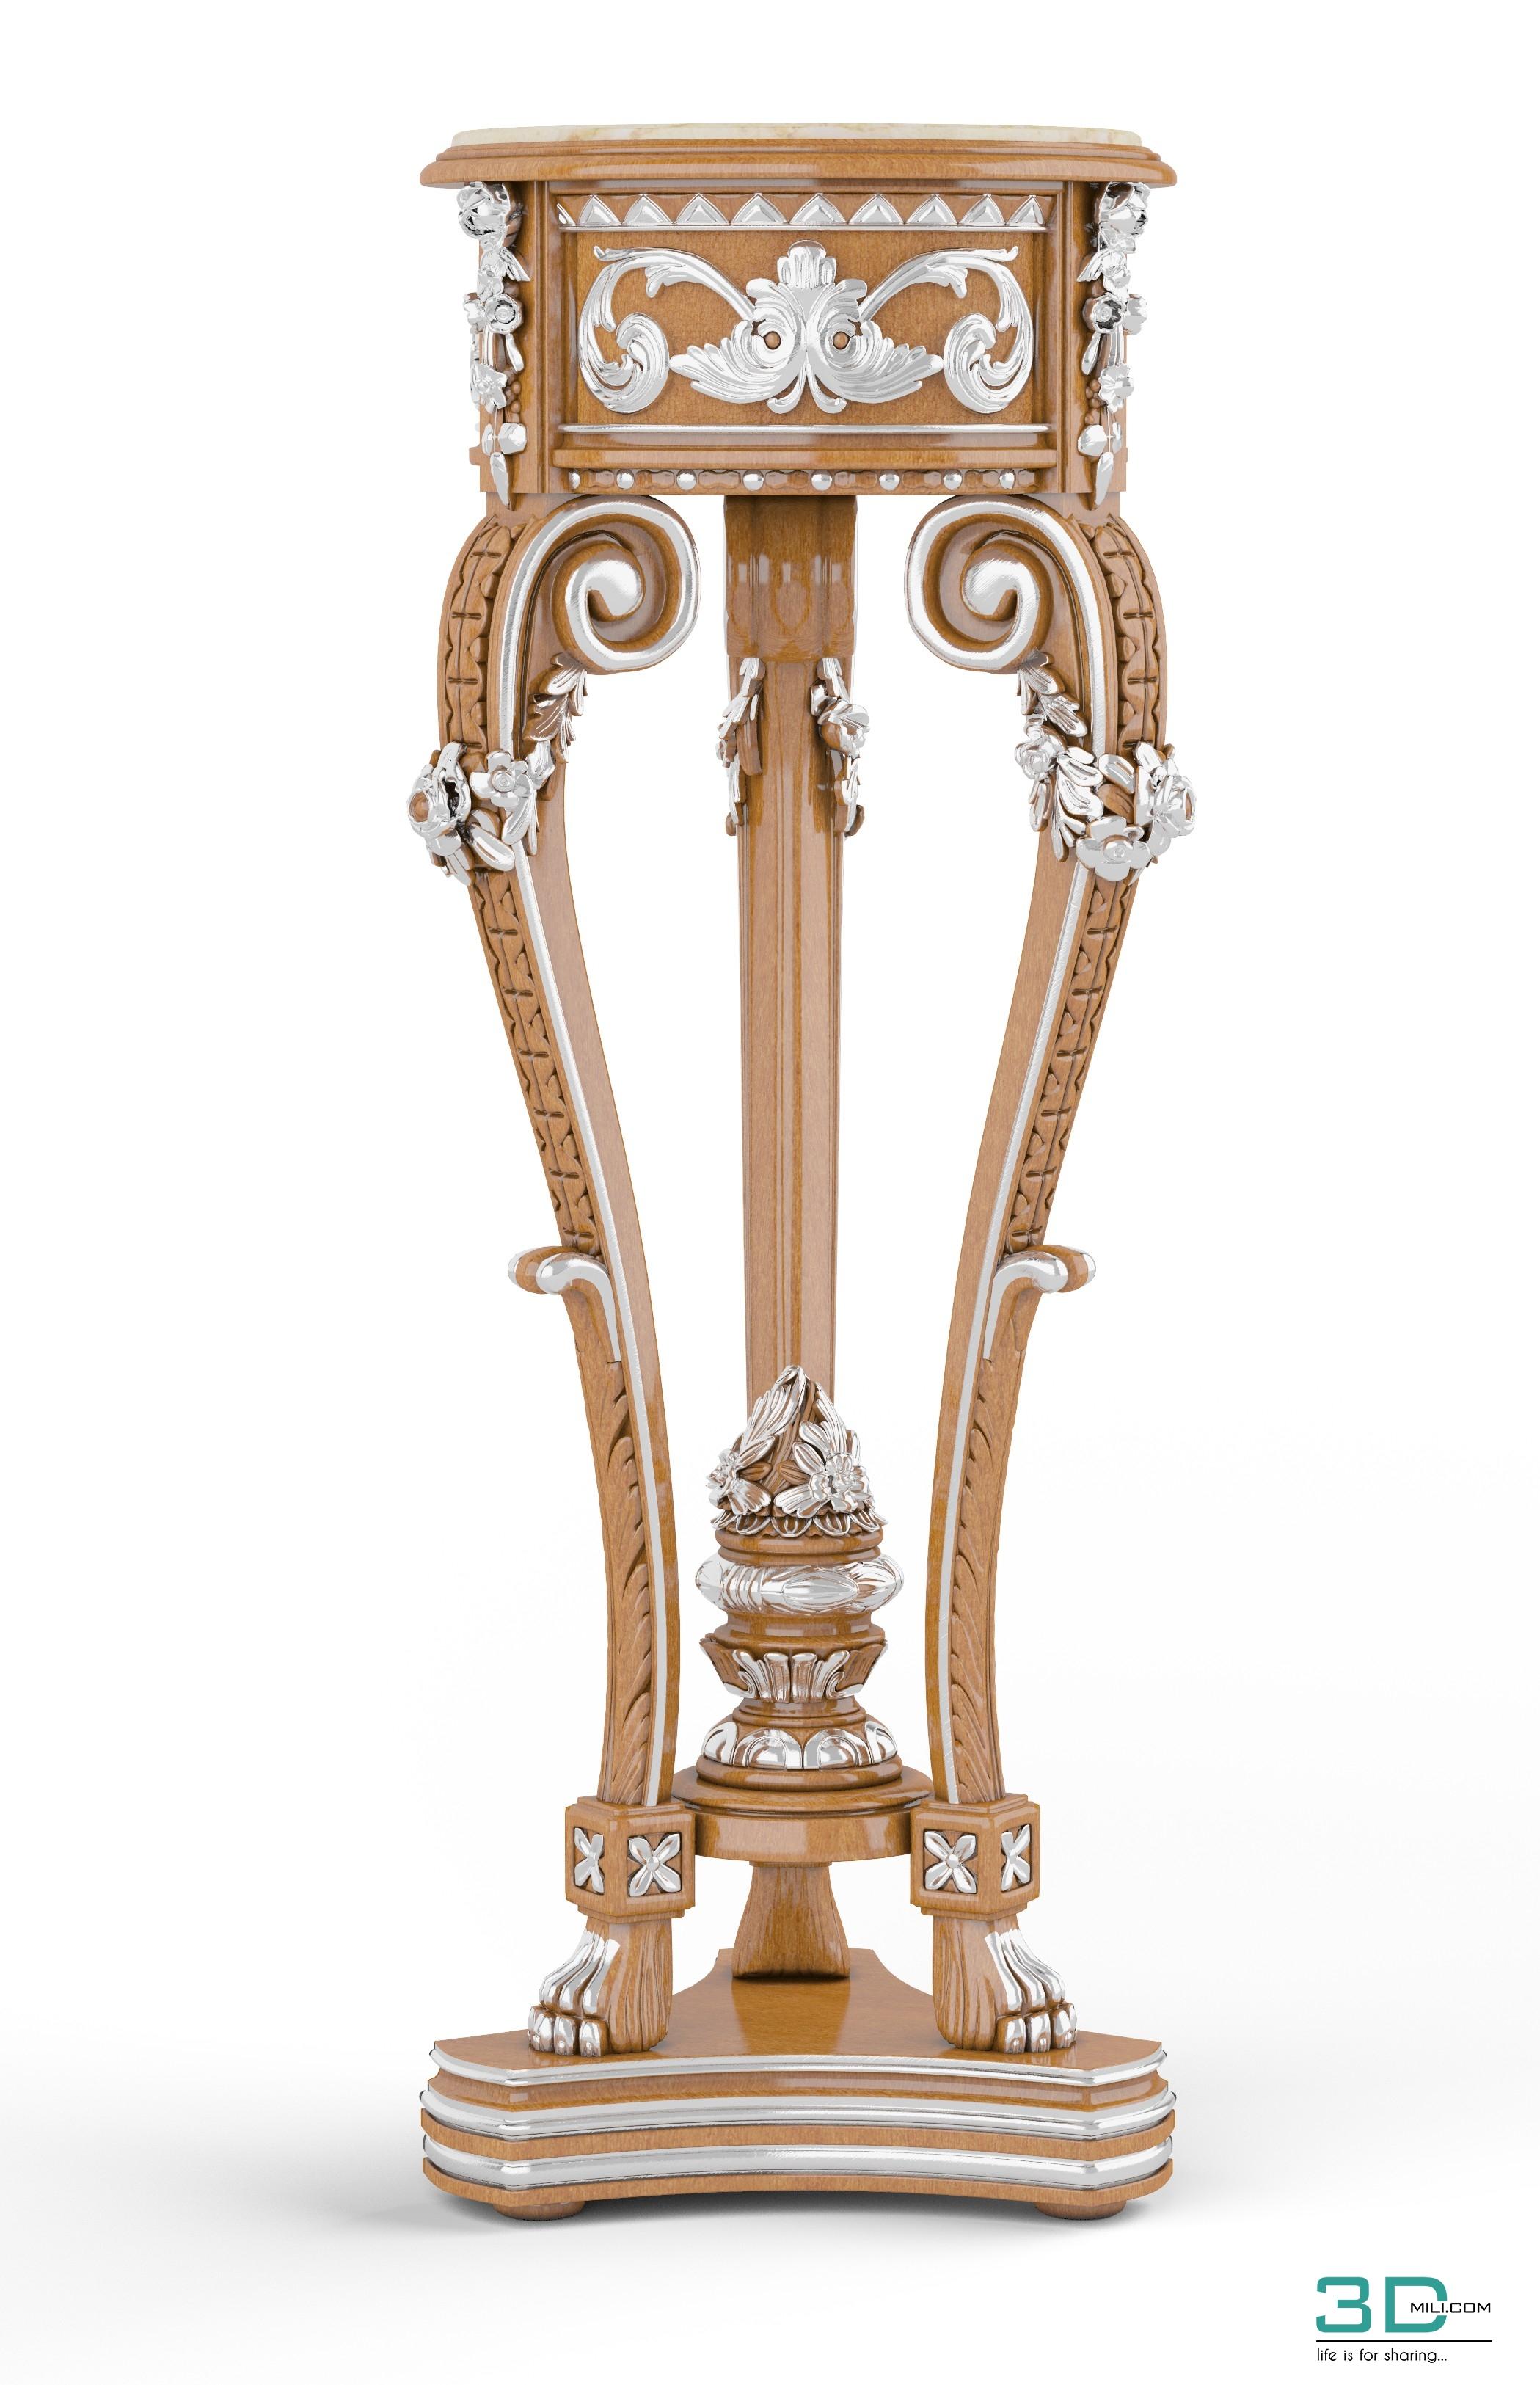 55 vase stand model 3d mili download 3d model free 3d vase stand model 3d mili download 3d model free 3d models 3d model download reviewsmspy